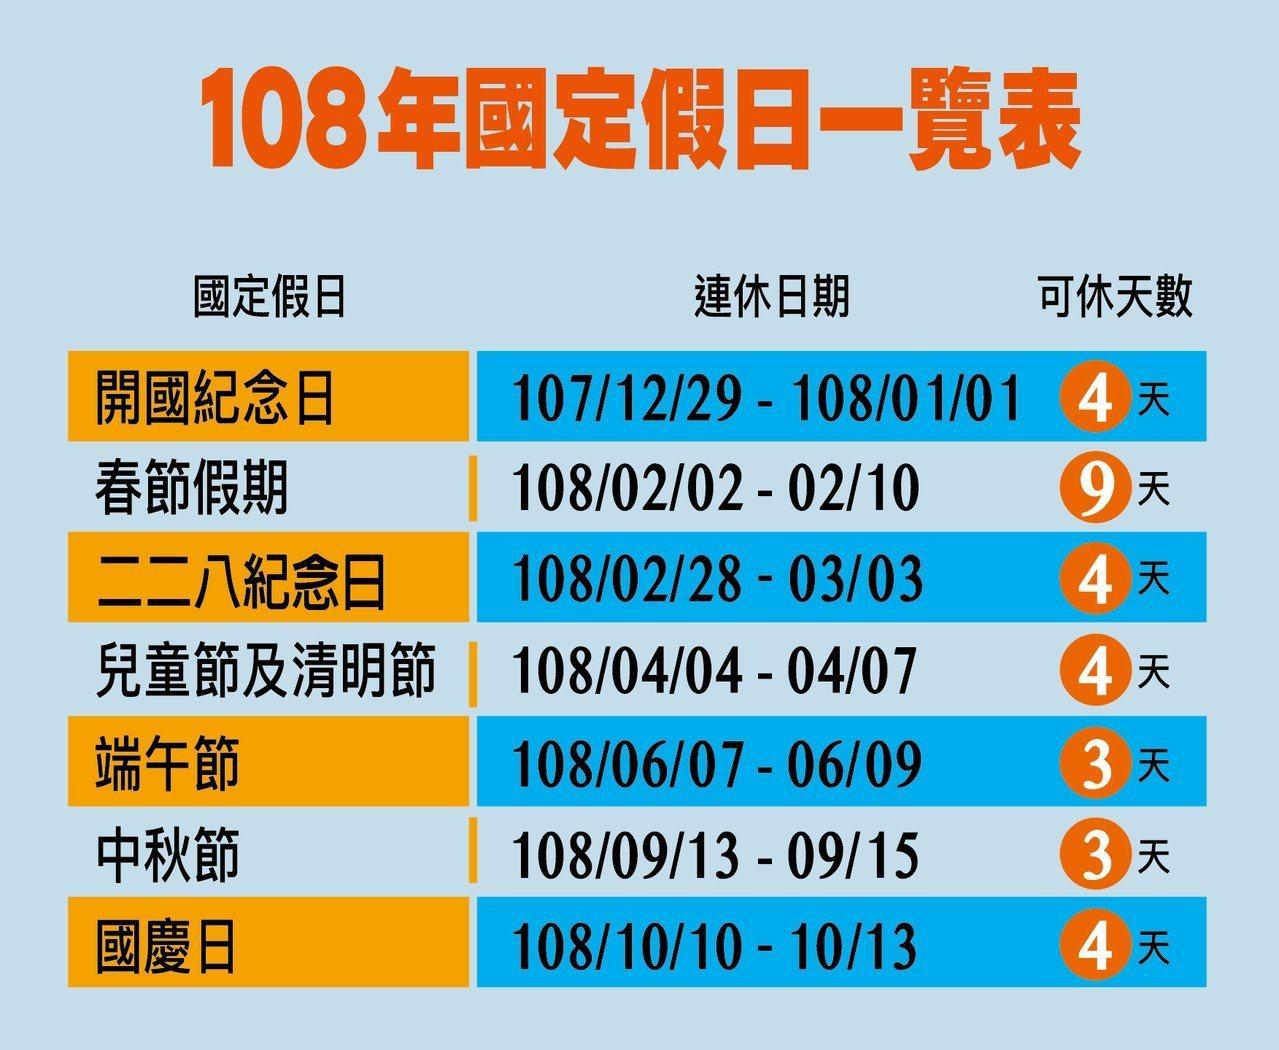 108年國定假日一覽表。圖/聯合新聞網